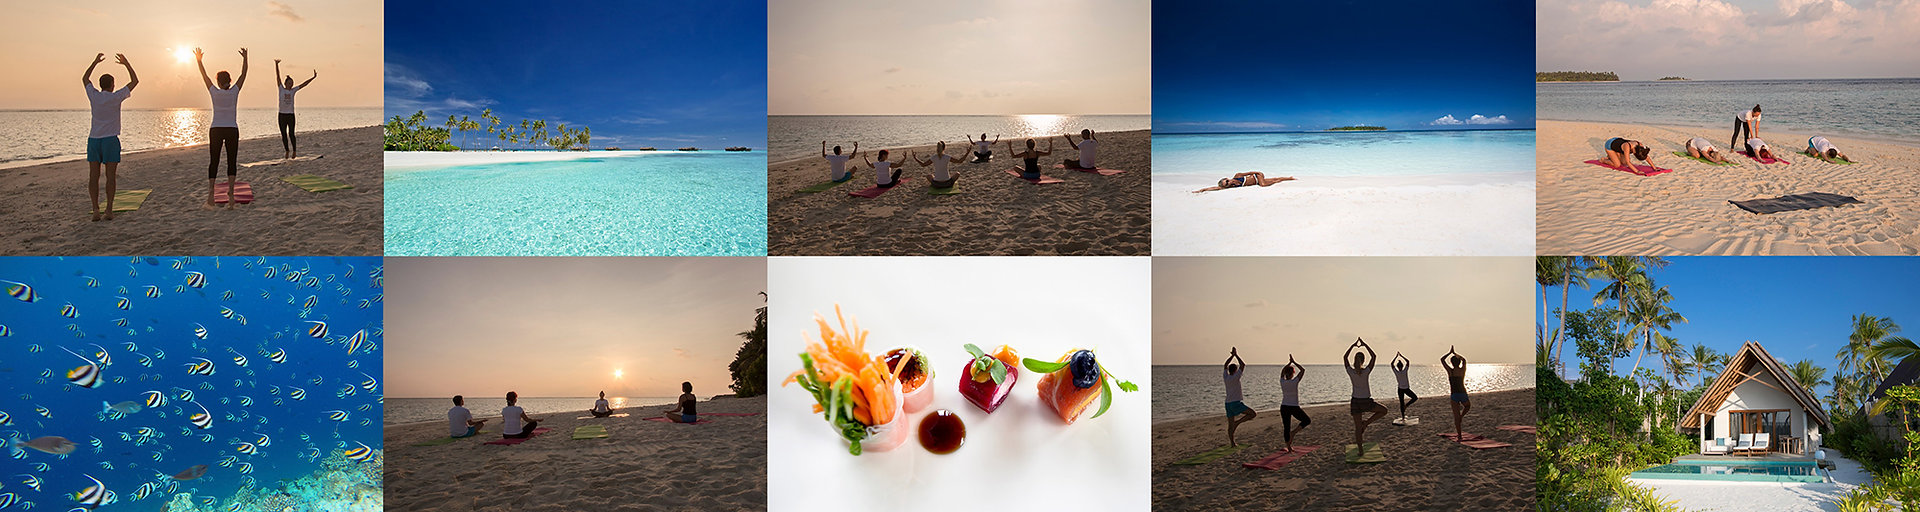 Pobyt na Maledivách s jógou, pilátes a cvičením